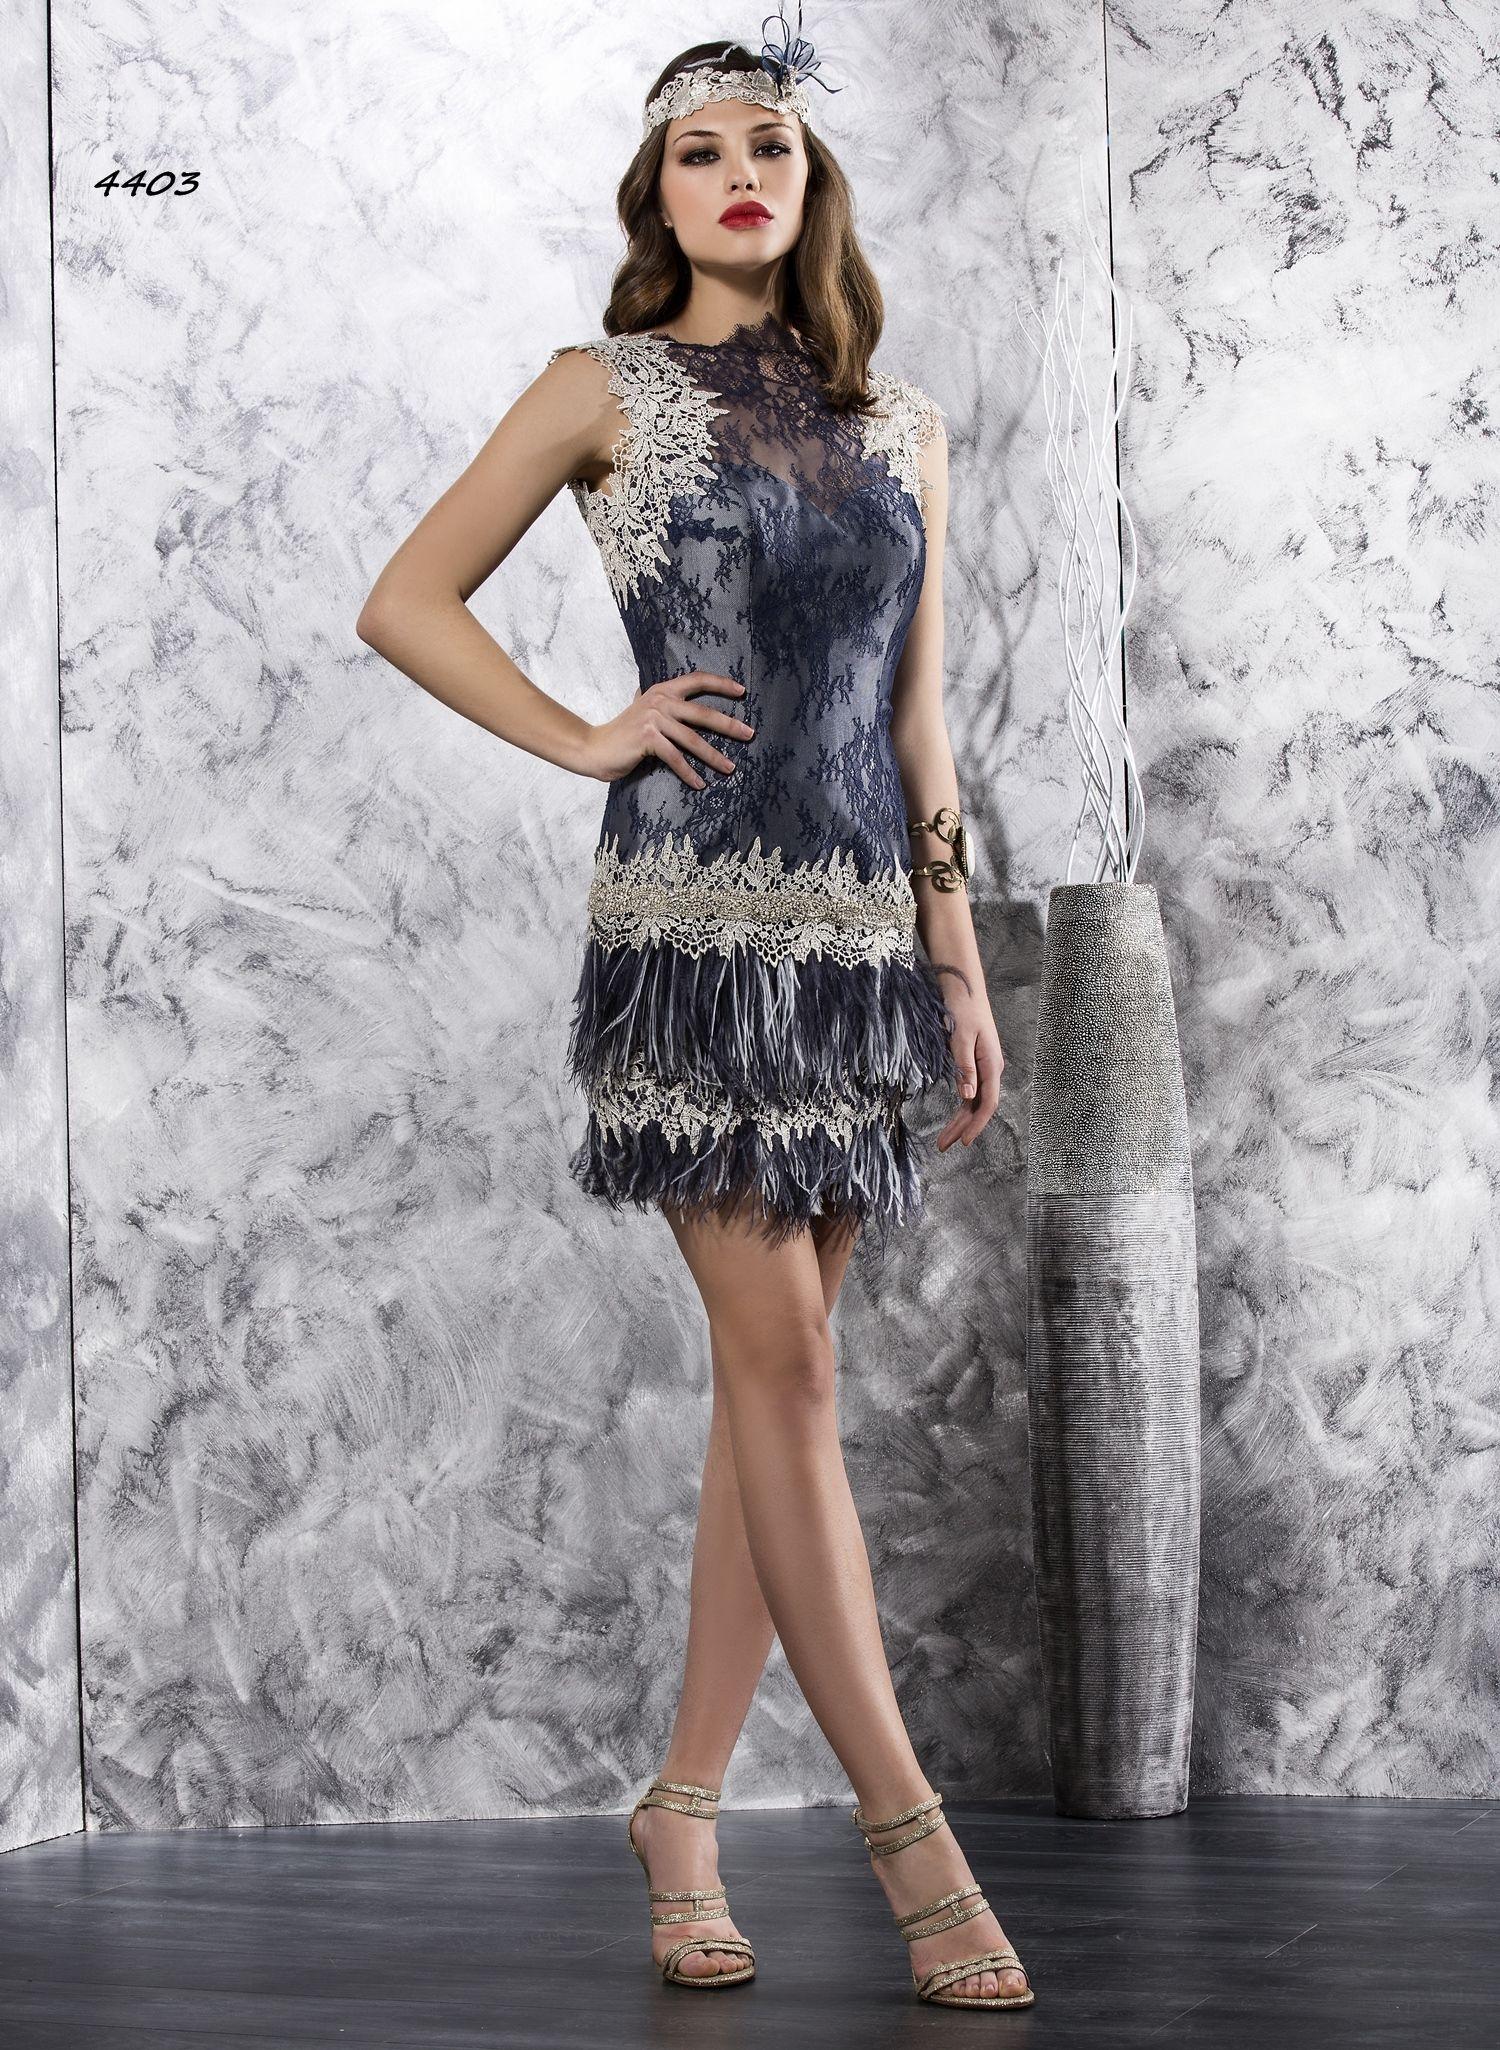 7edbb6f00754 4403 (Vestido de Fiesta). Diseñador  Valerio Luna. ...